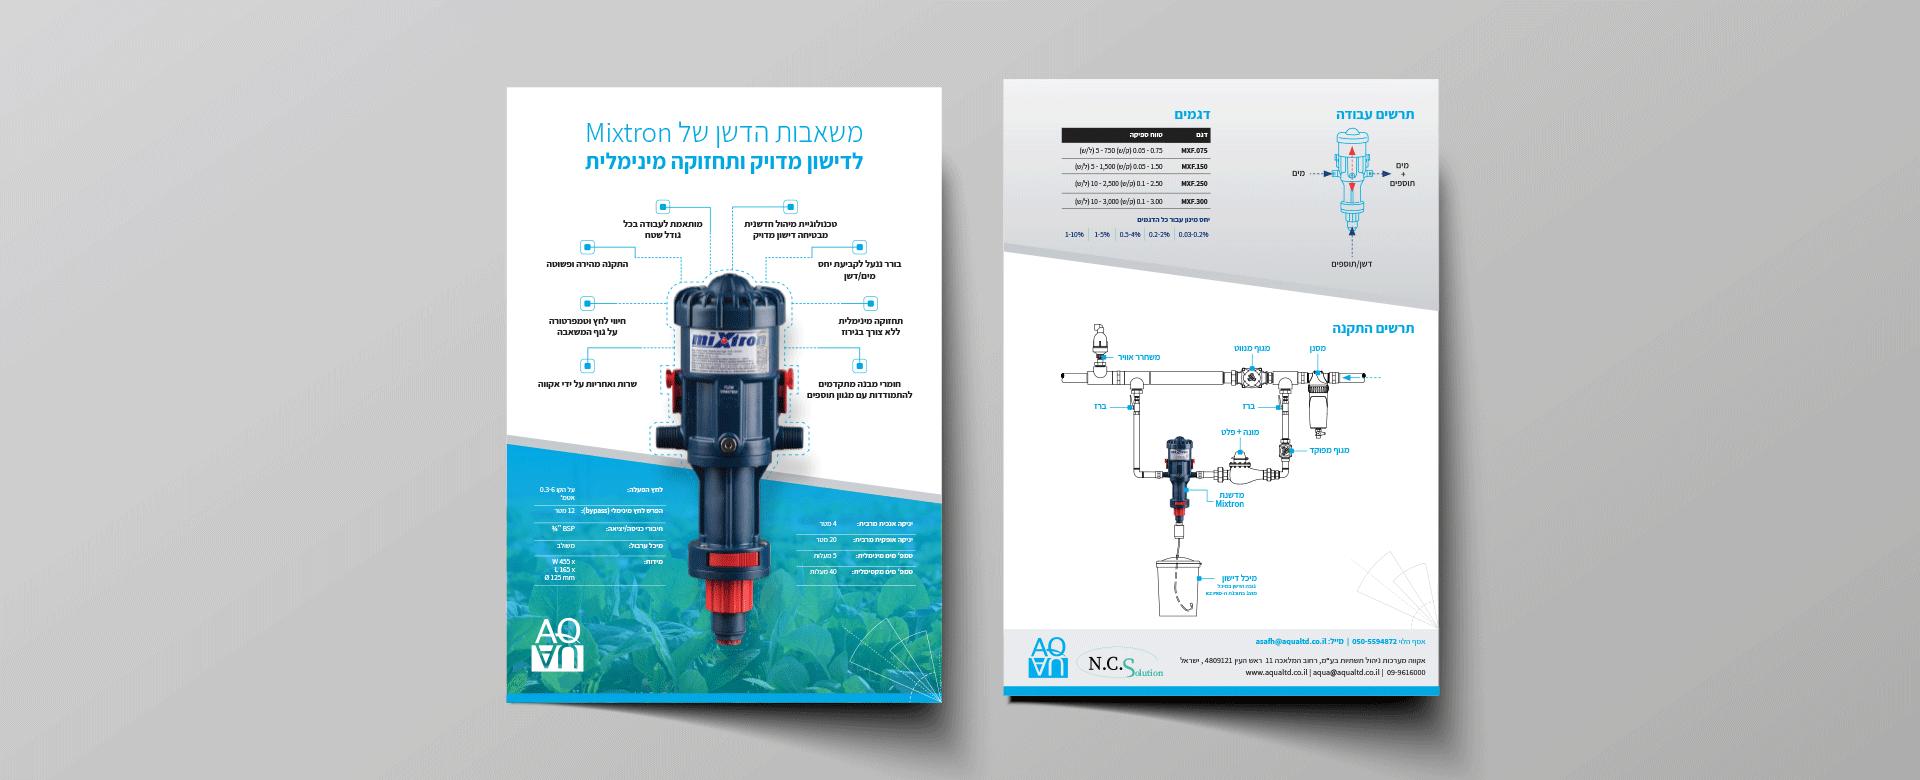 mottech Brochure 2